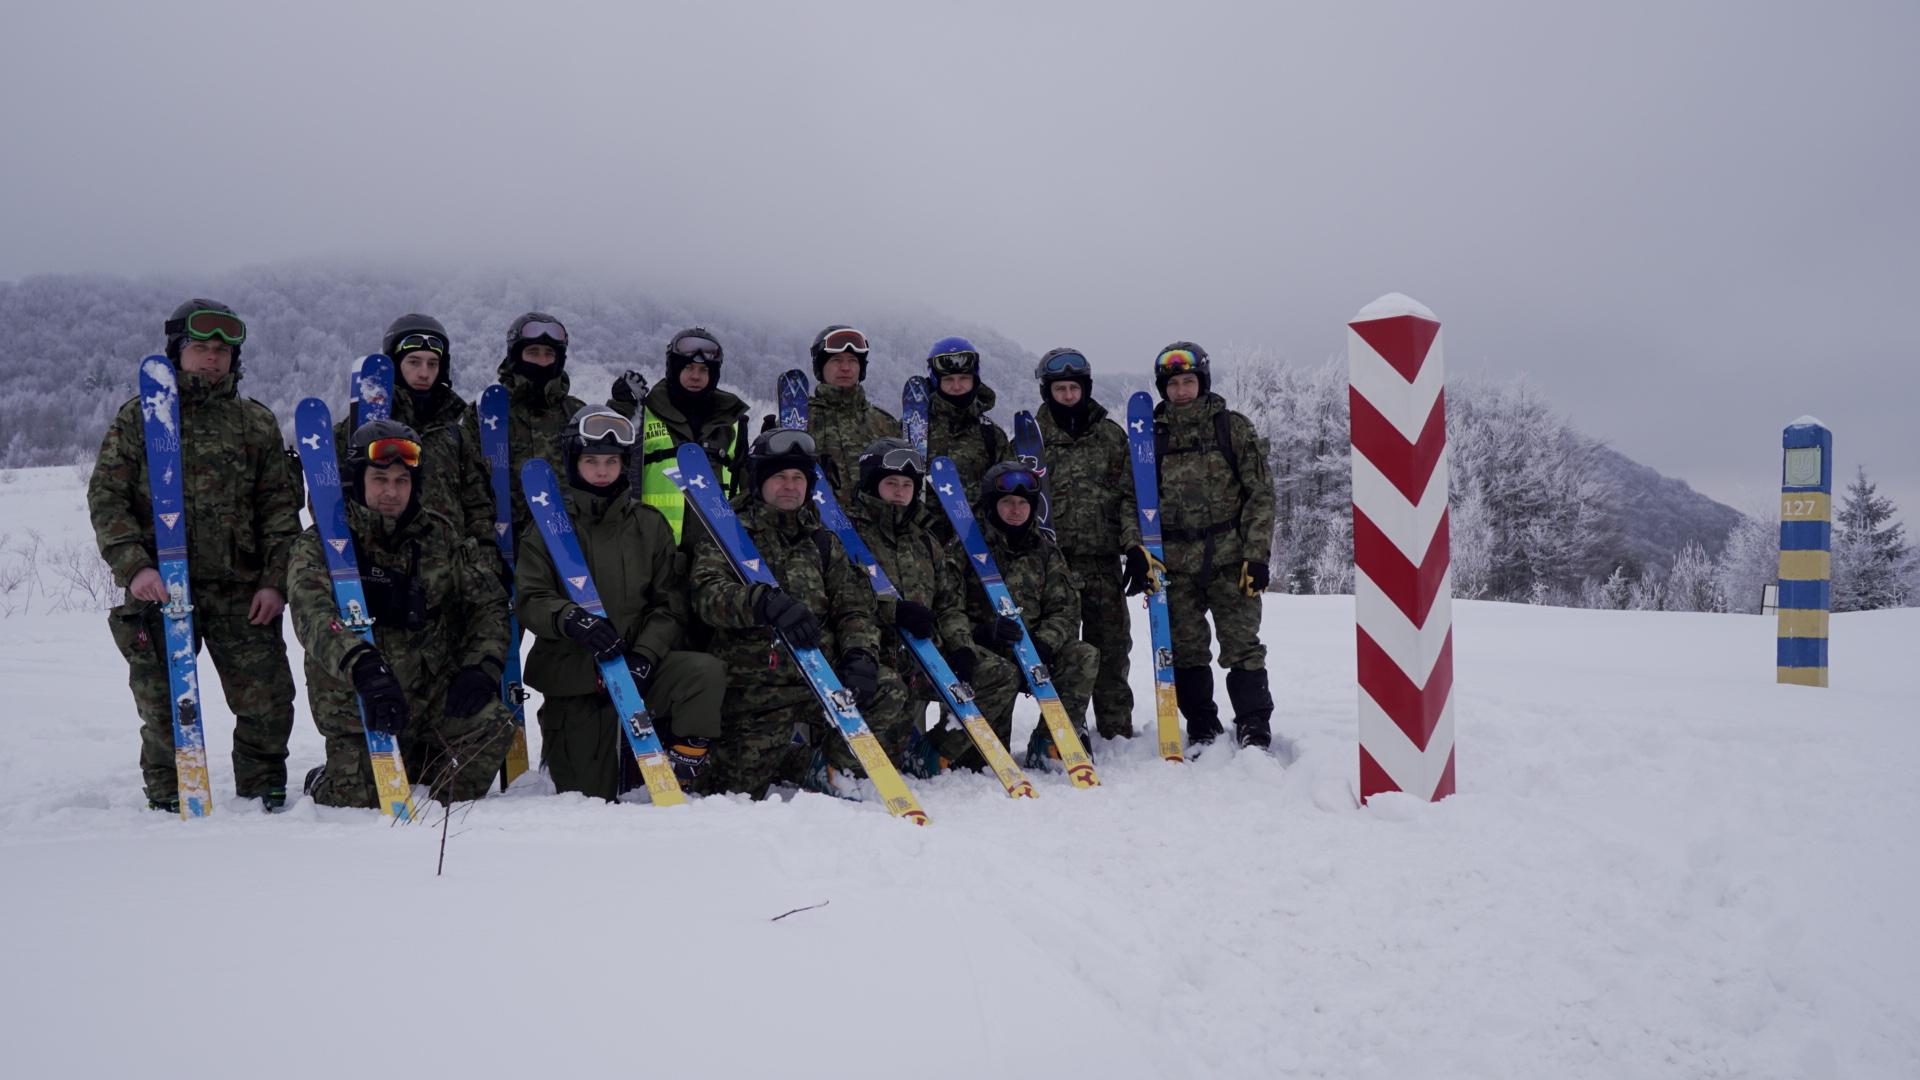 W Bieszczadach przeprowadzono szkolenie Ski-Tour dla funkcjonariuszy Straży Granicznej - Zdjęcie główne